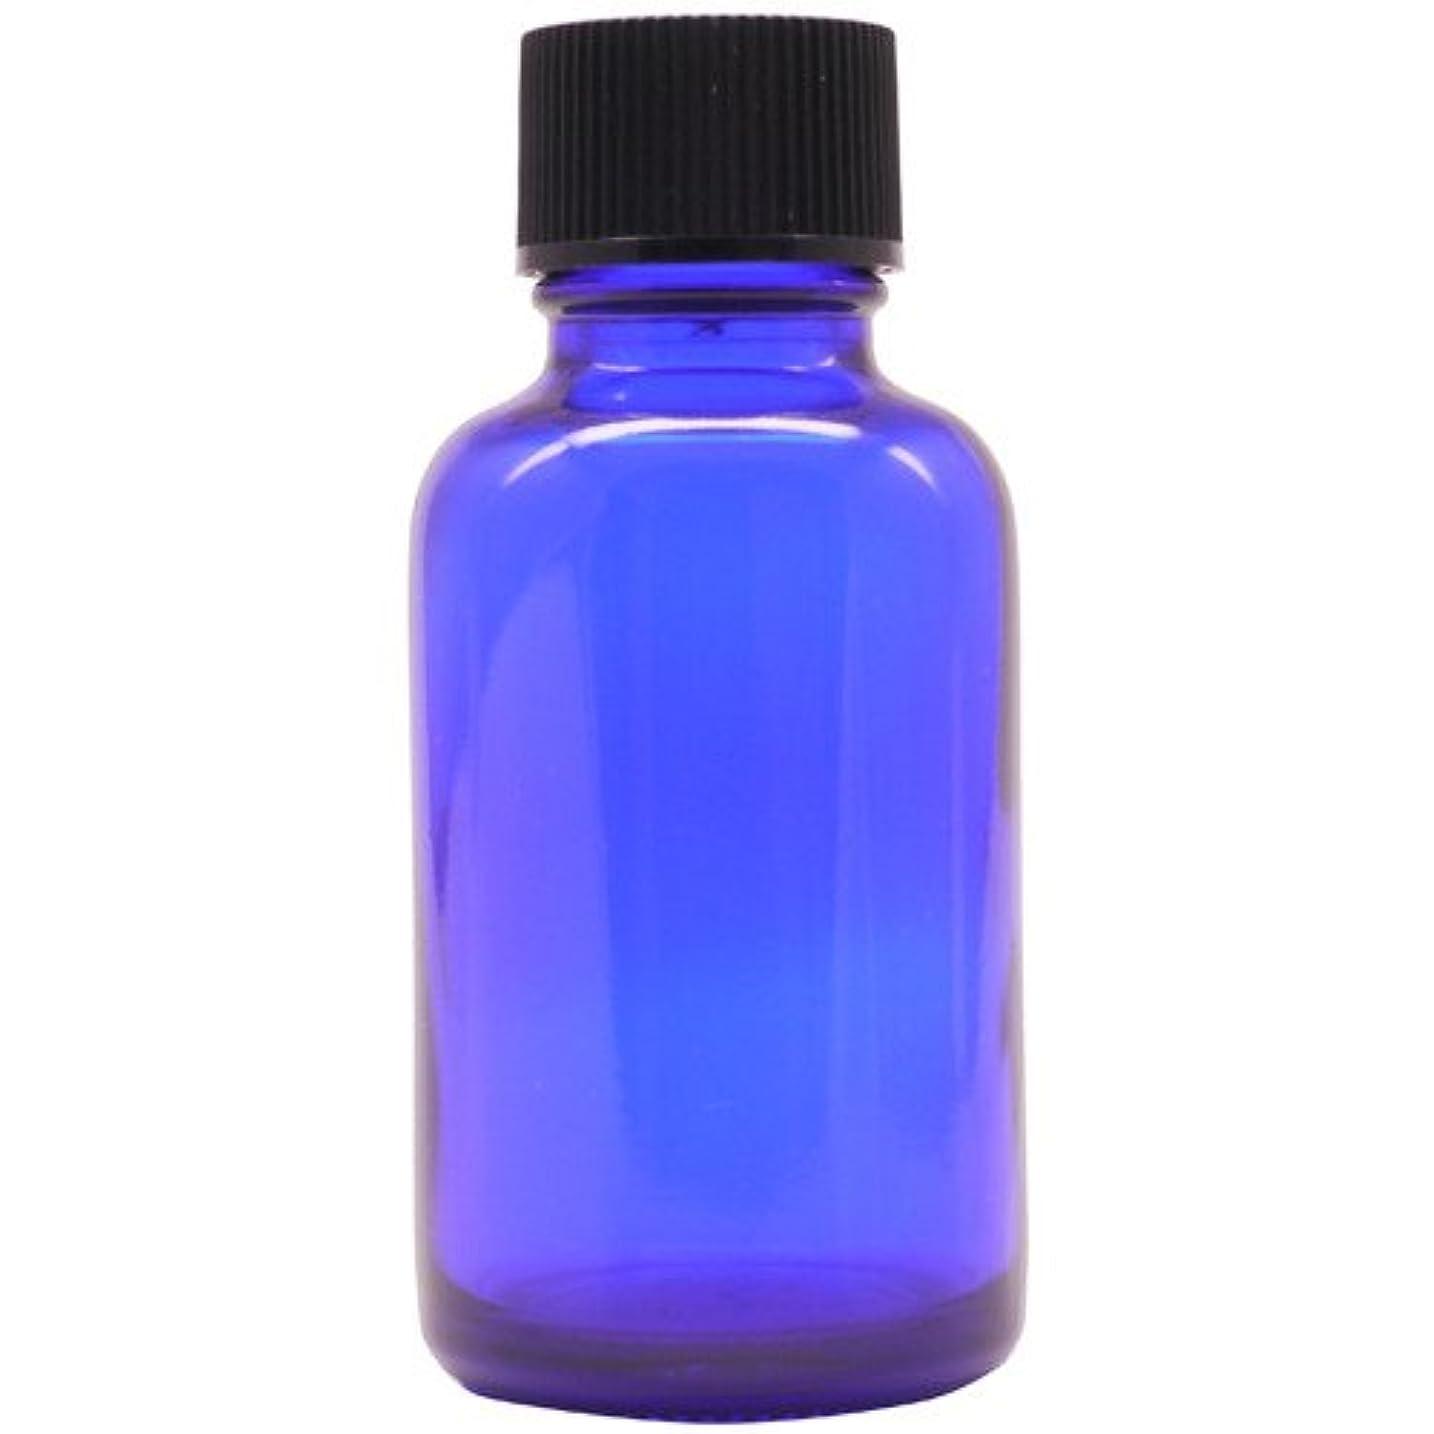 甘美なソース国内のアロマアンドライフ (D)ブルー瓶ドロップ栓30ml 3本セット